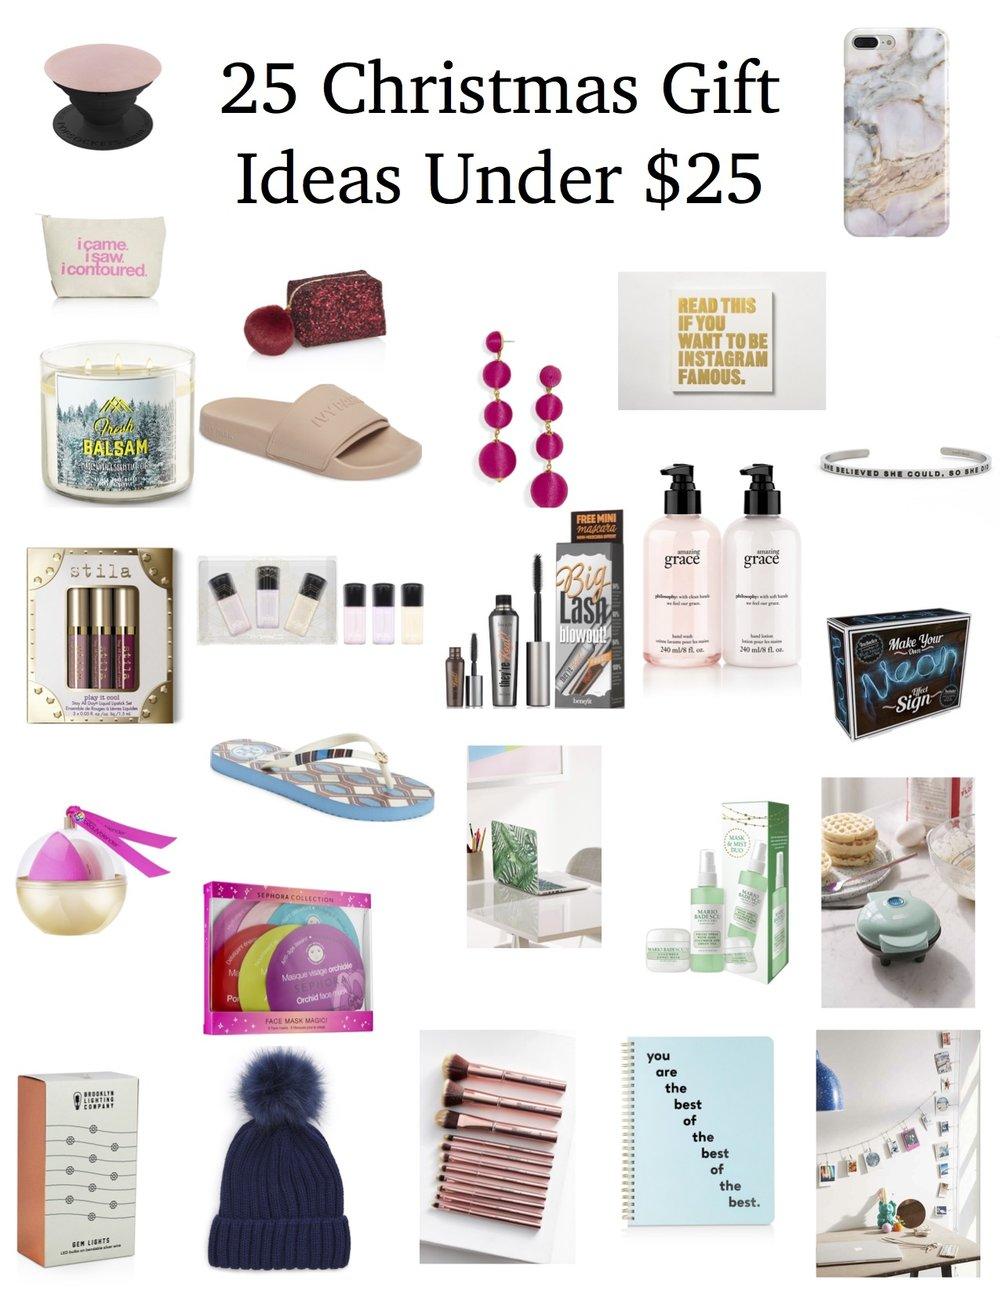 25 gift ideas under $25.jpg